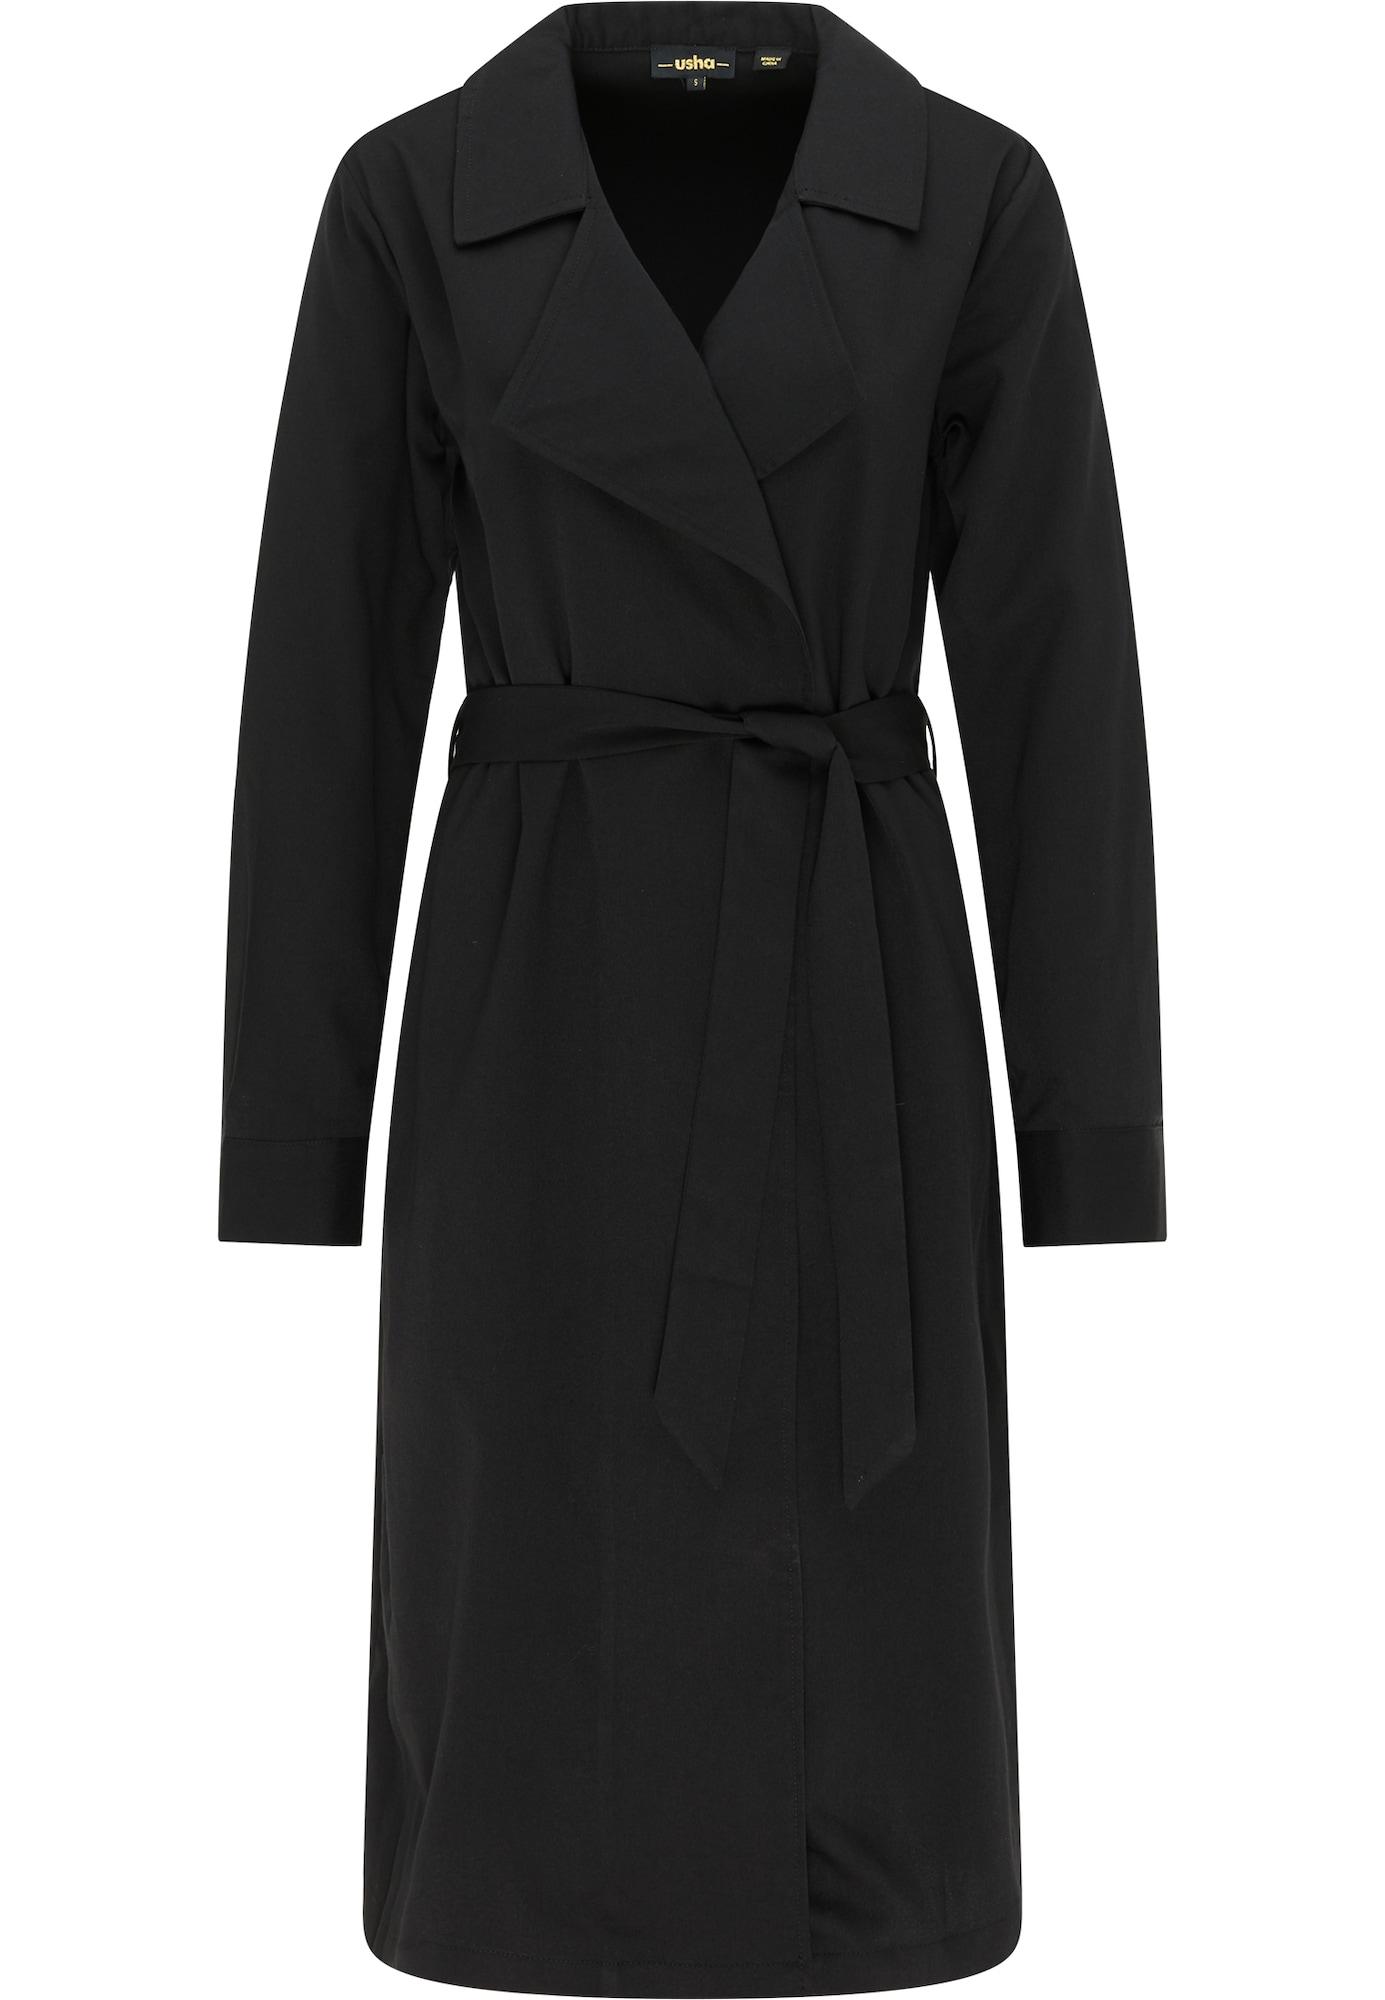 usha BLACK LABEL Demisezoninis paltas juoda